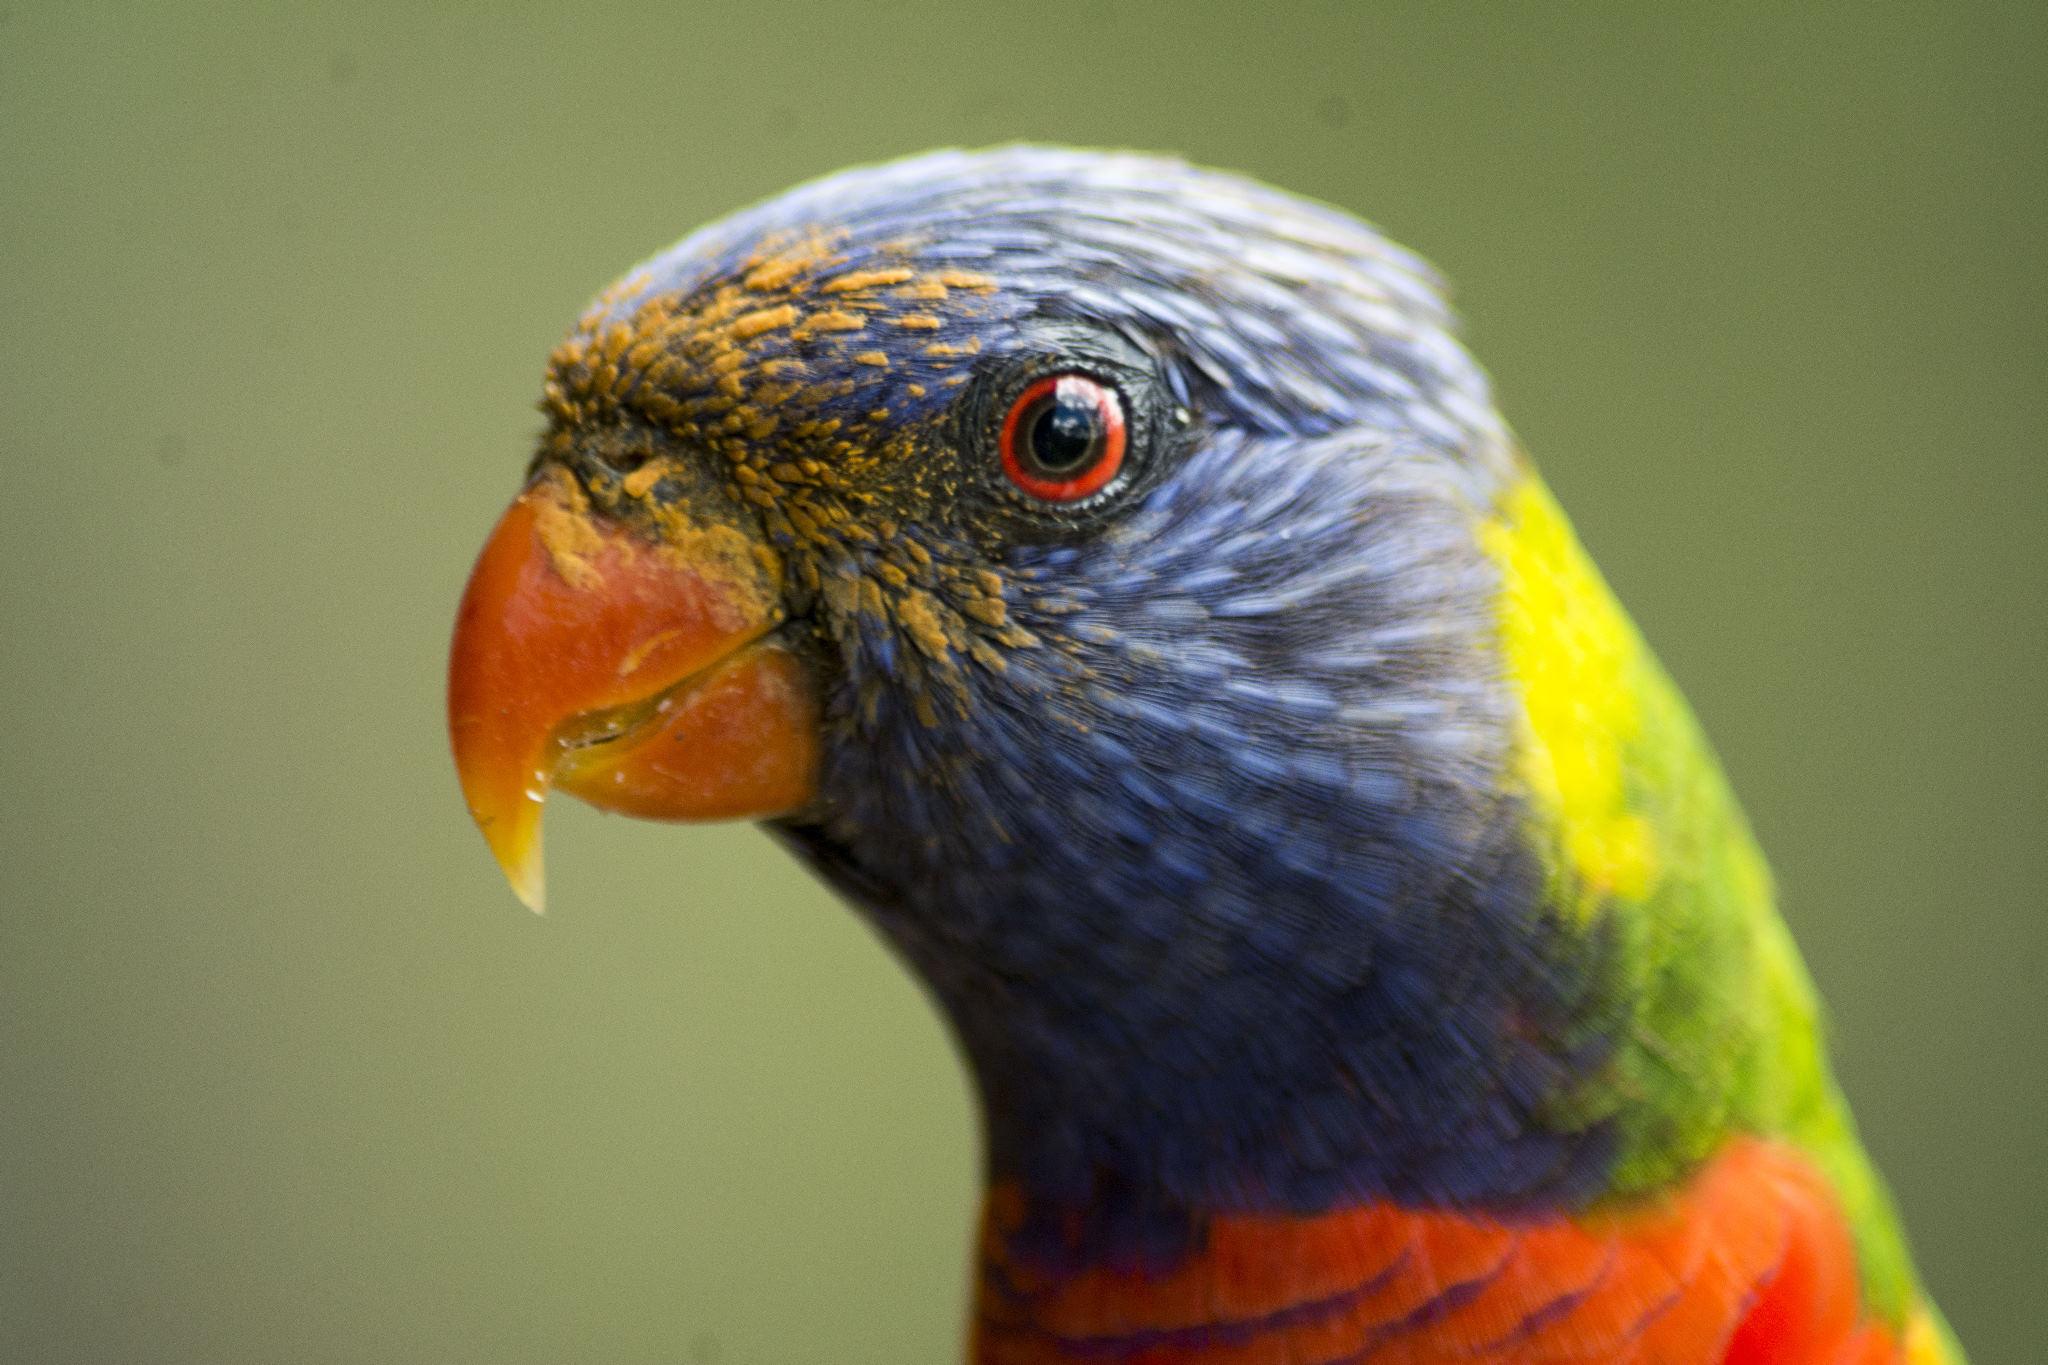 Rainbow Lorikeet with Grevillea pollen on his face